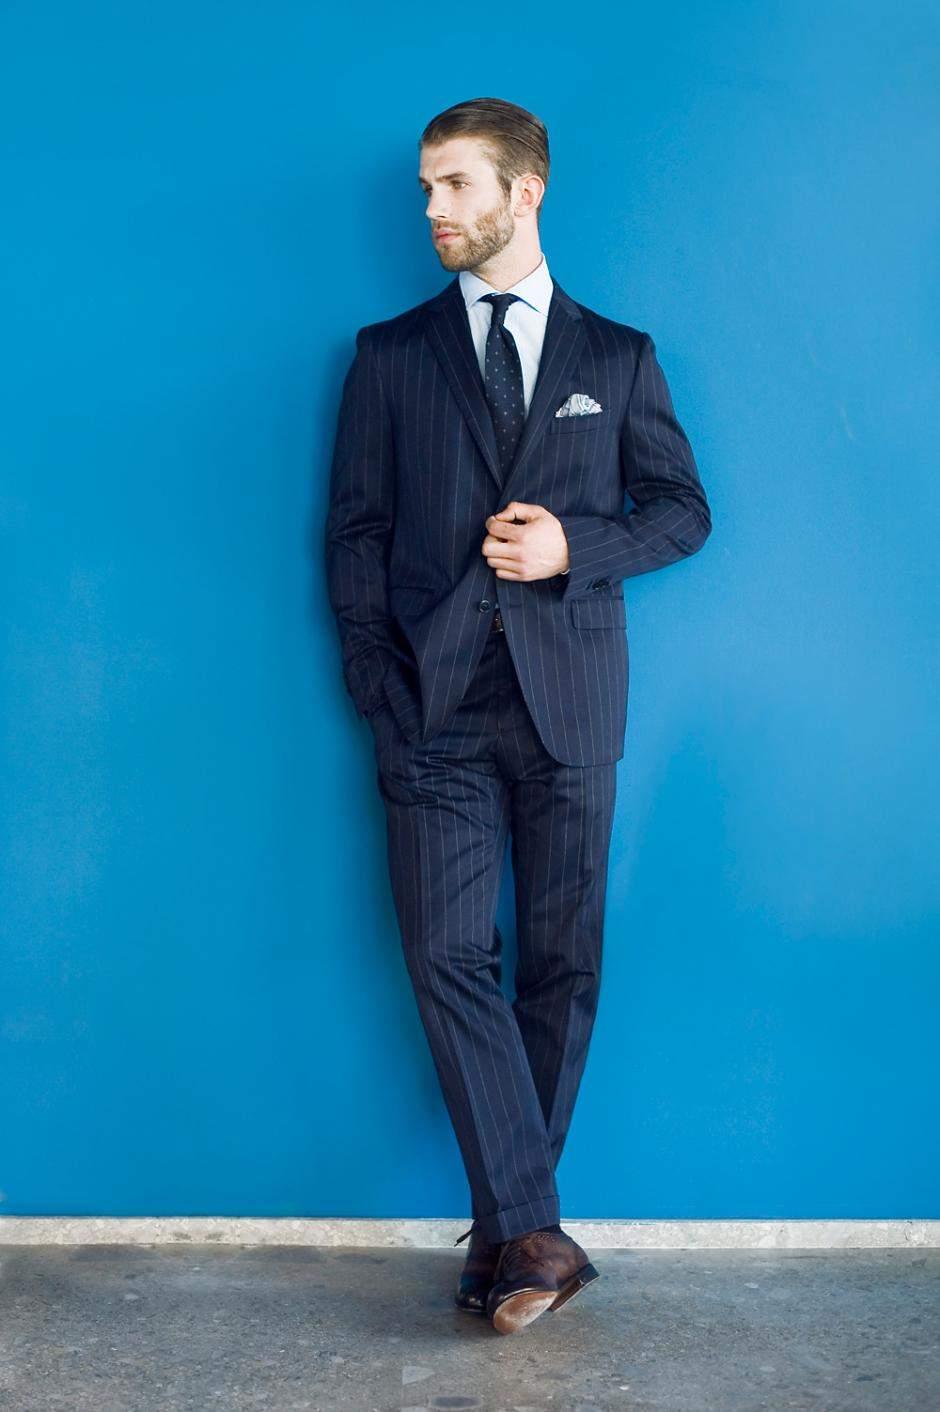 とりあえず揃えておきたい、王道ビジネスファッションのコーディネート4選 4番目の画像